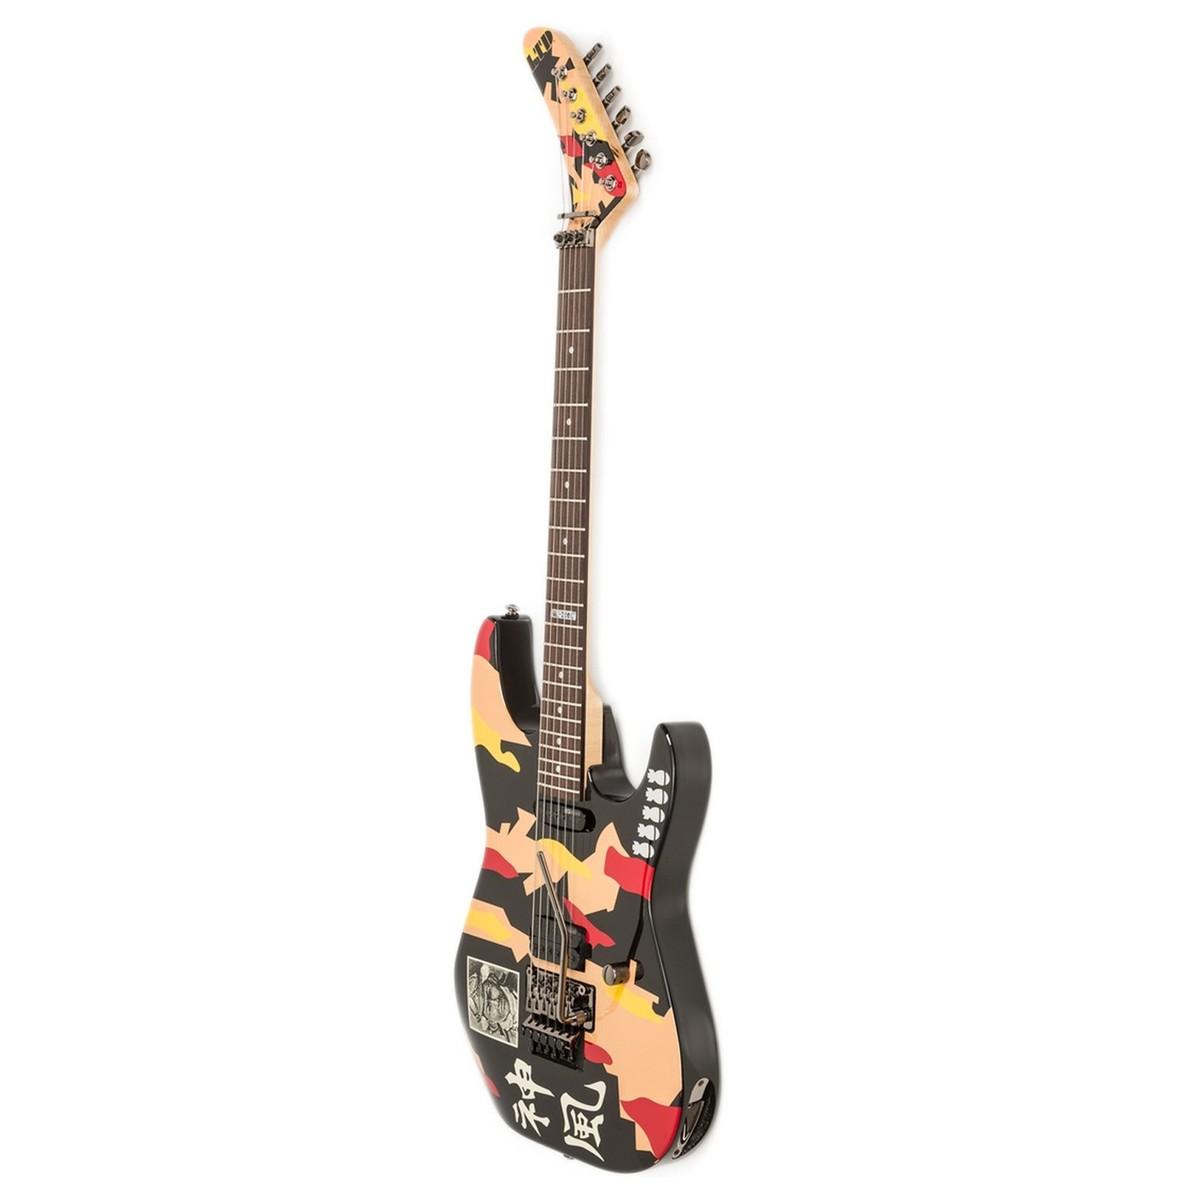 esp ltd gl200k george lynch electric guitar kamikaze graphic at. Black Bedroom Furniture Sets. Home Design Ideas